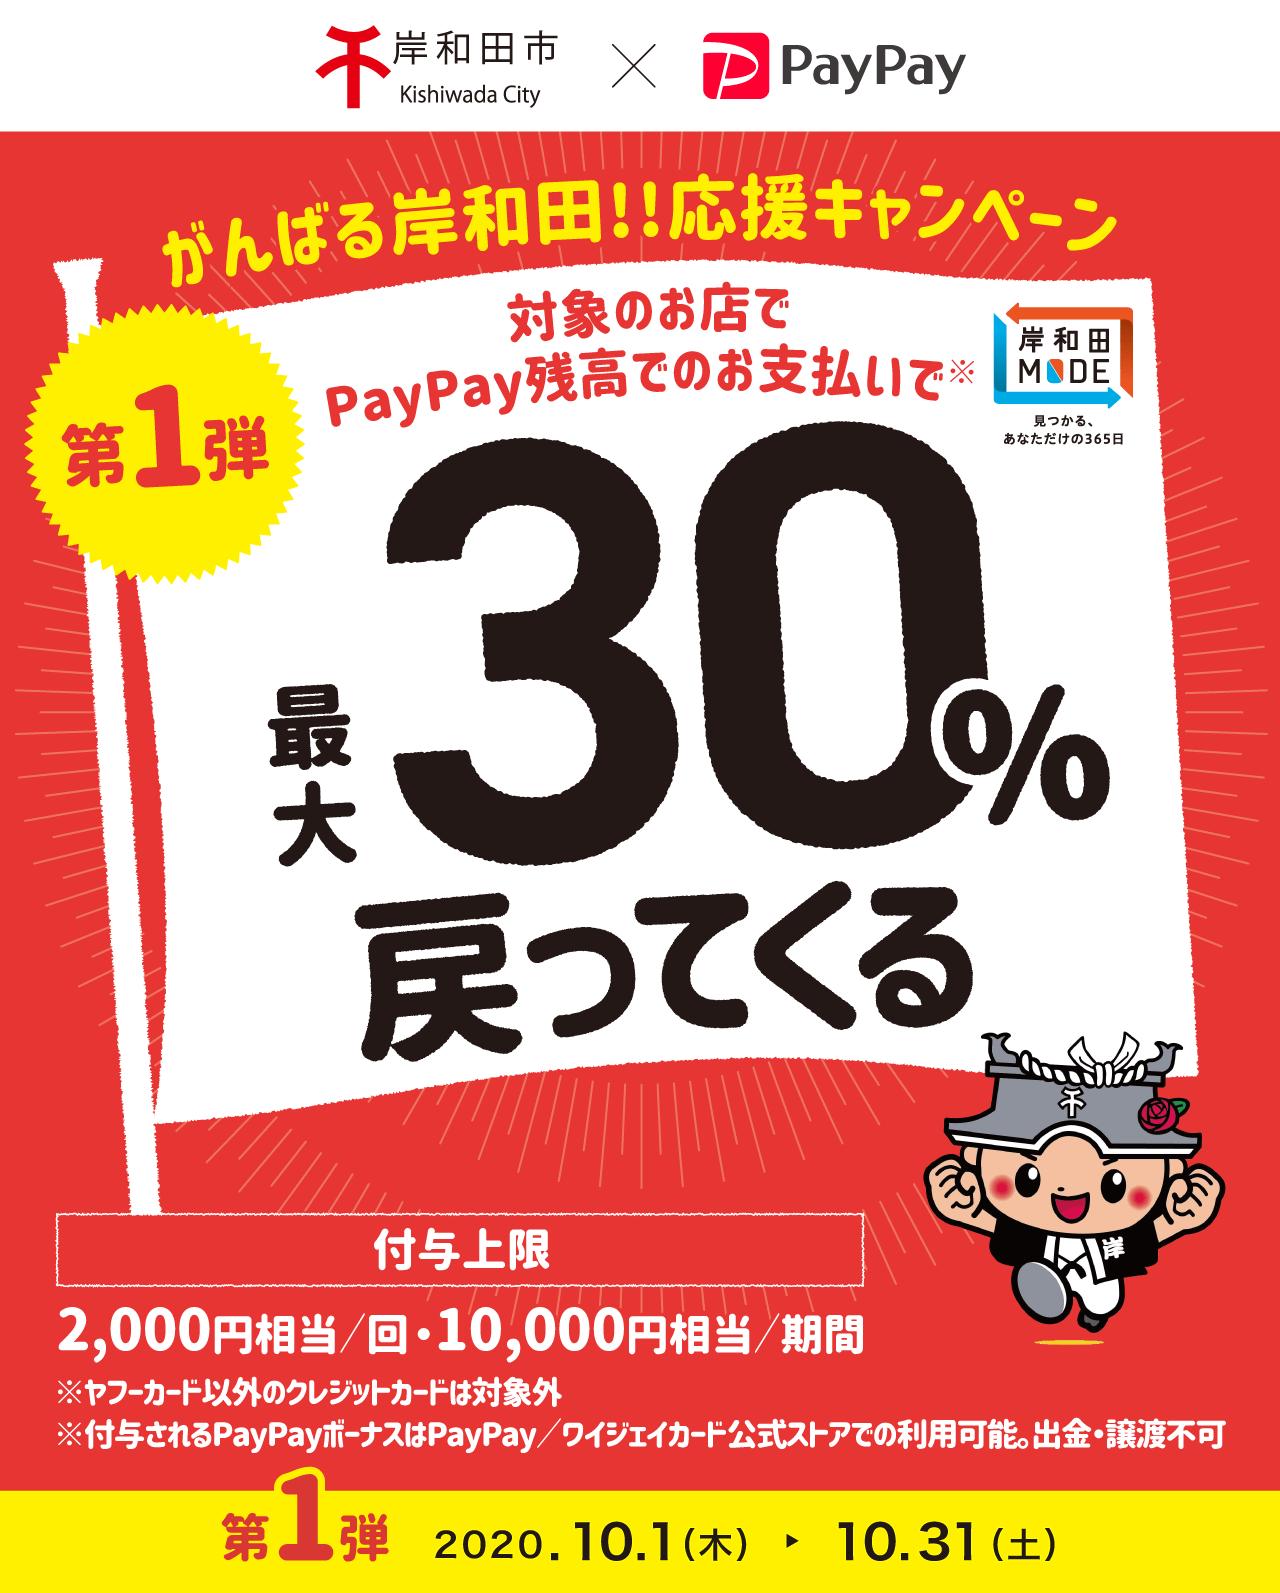 がんばる岸和田!!応援キャンペーン 第1弾 対象のお店でPayPay残高でのお支払いで最大30%戻ってくる